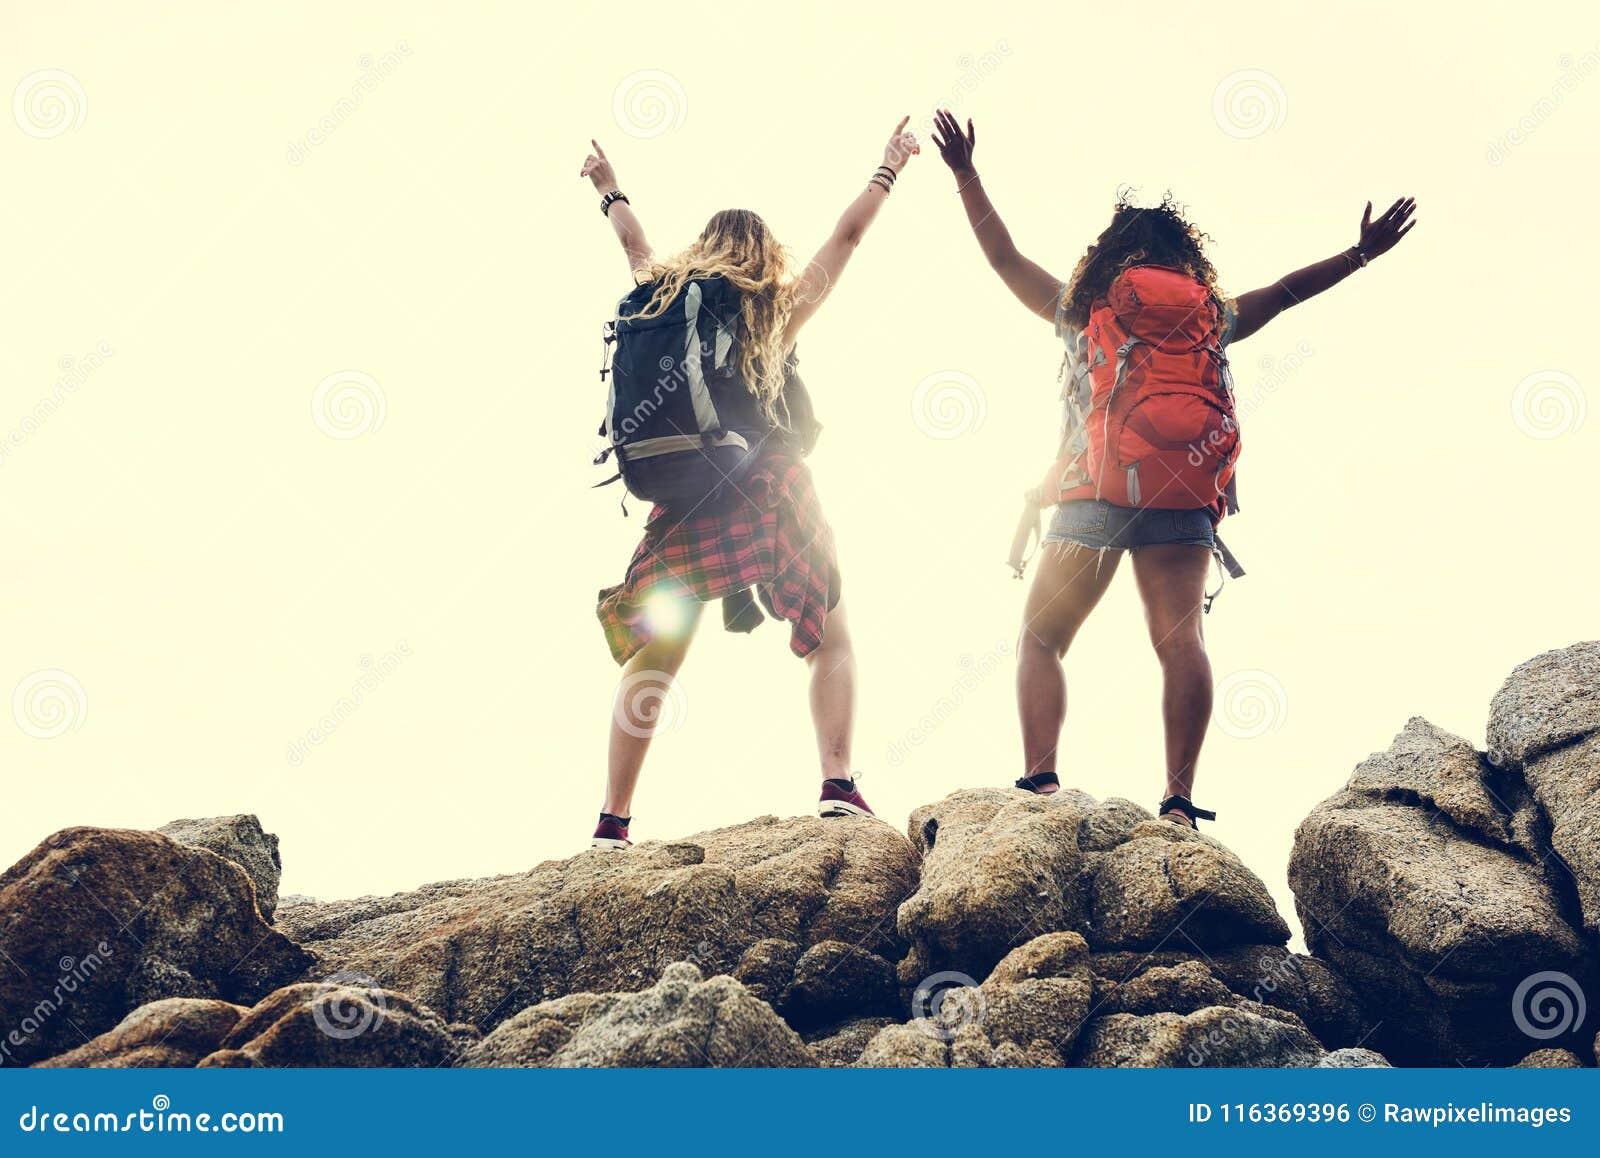 Freundinnen, die zusammen in Aufregung reisen